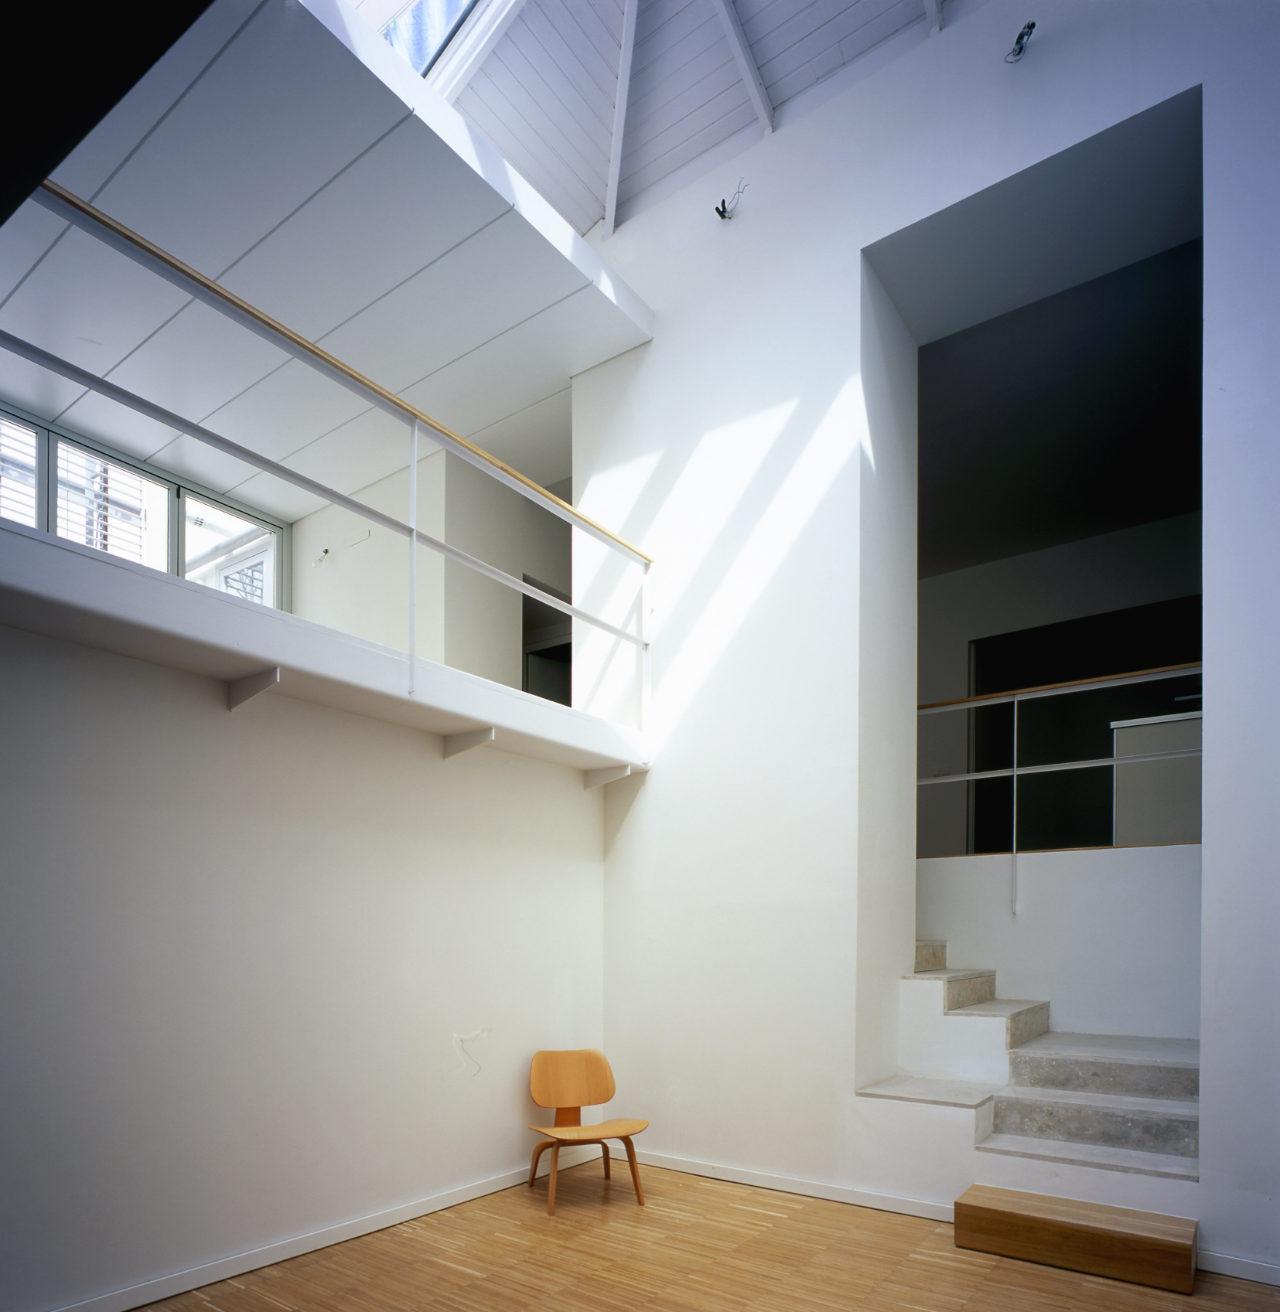 7 Lofts, Conde de Romanones (Madrid)